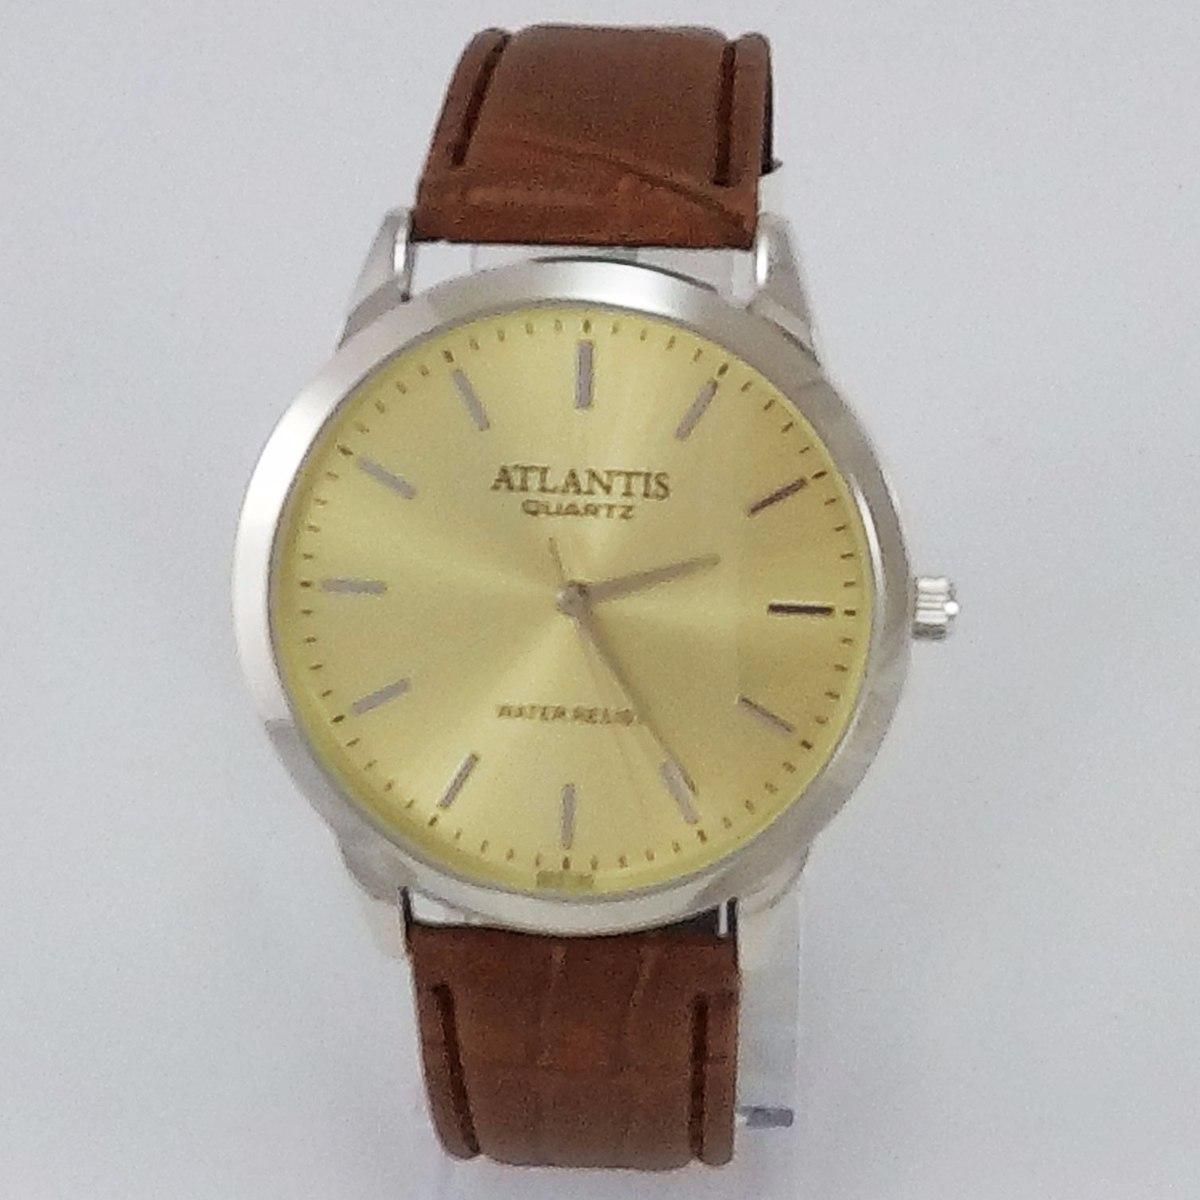 7dbe35cafda Características. Marca Atlantis  Modelo G6574  Gênero Masculino  Material  da correia do relógio de pulso ...